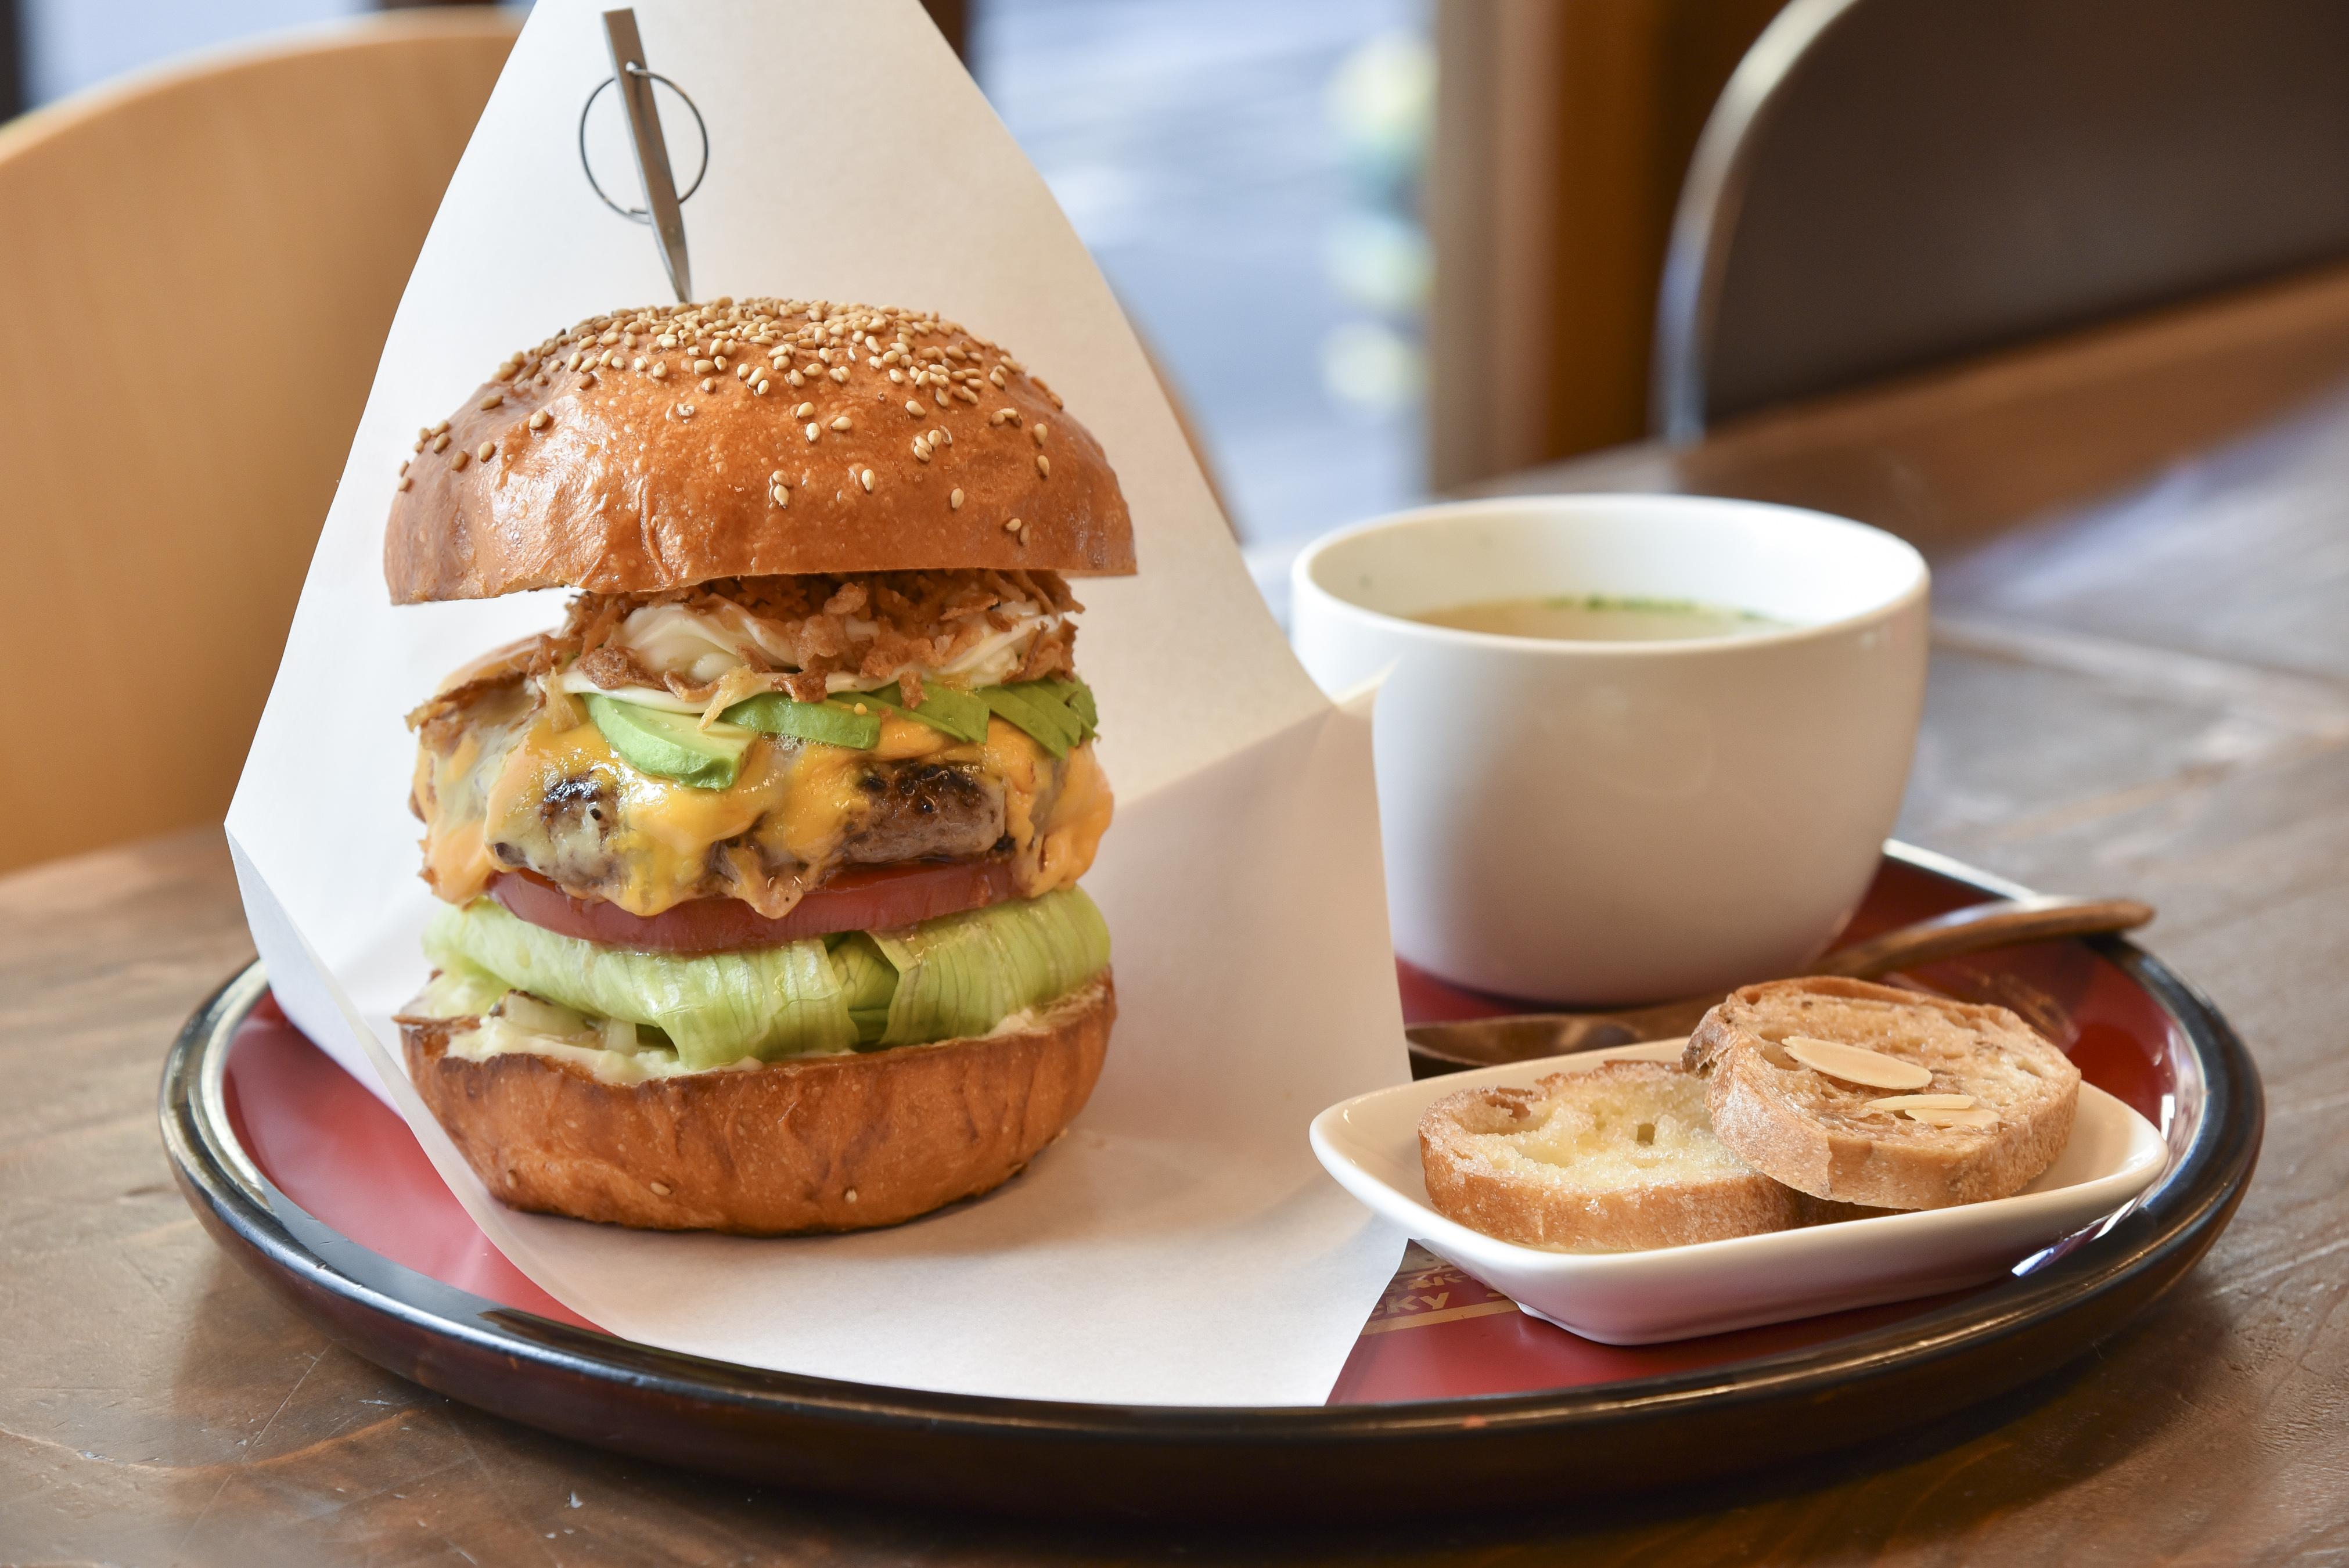 「会津美人(べっぴん)バーガー」(ラスク付き)880円。ランチセットはスープ、ドリンクが付いて1,130円